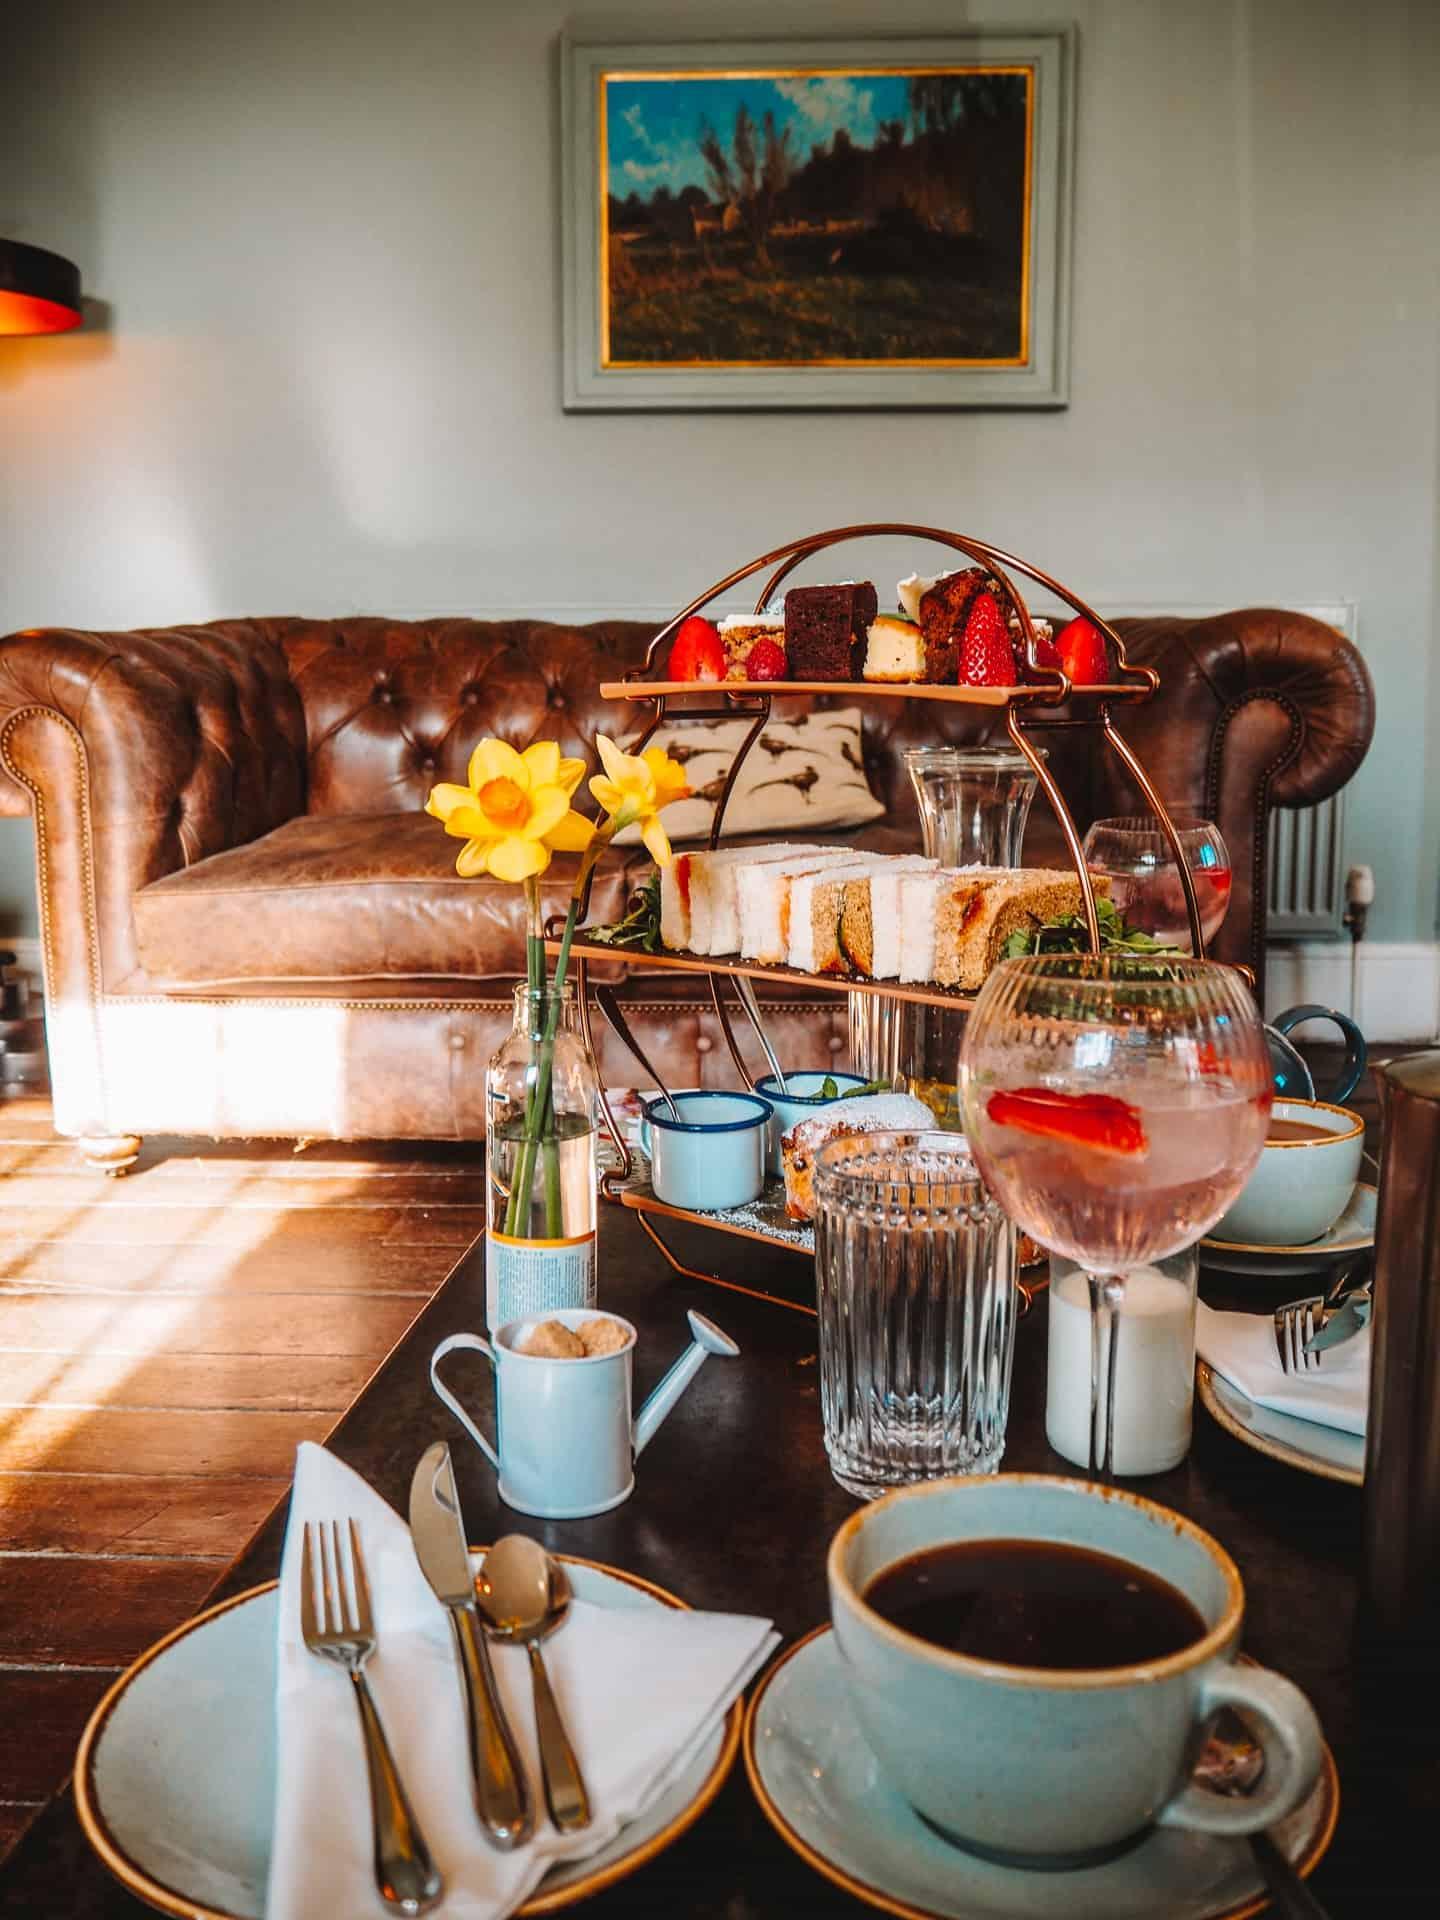 widbrook grange afternoon tea review